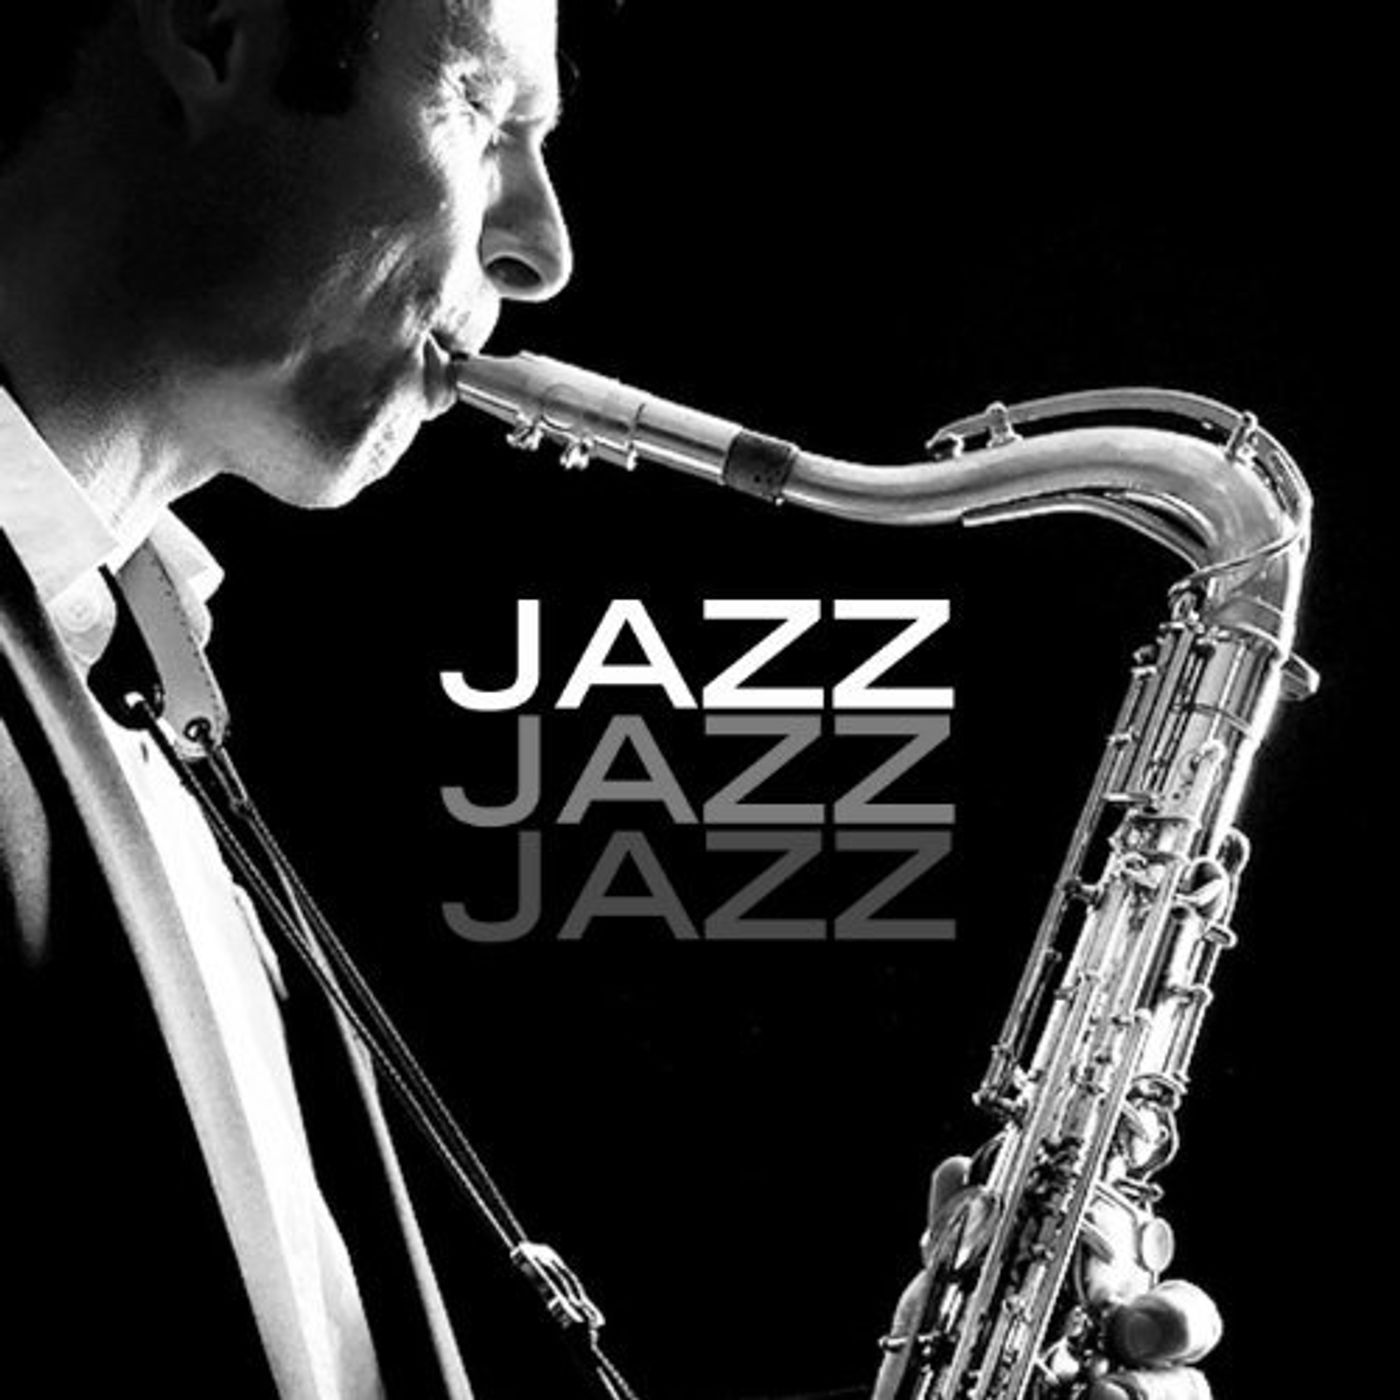 JAZZ JAZZ solamente Jazz